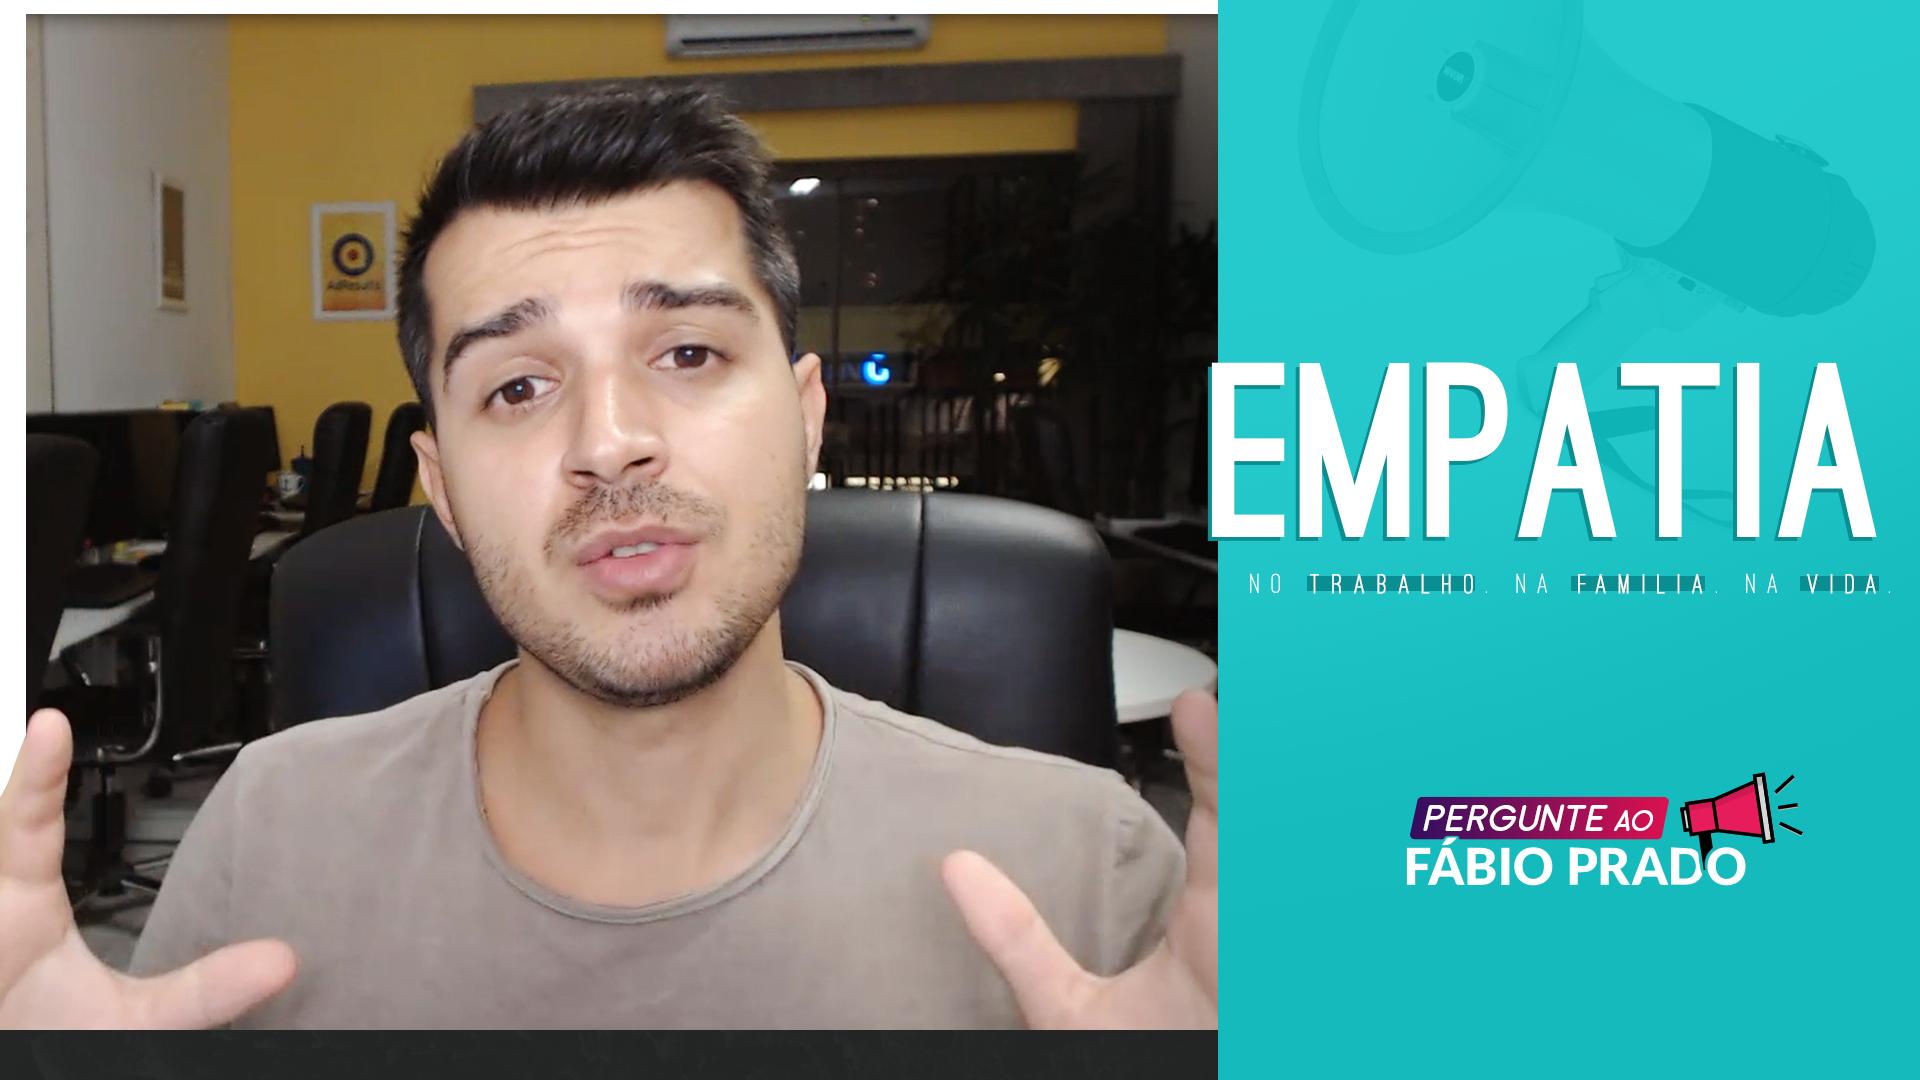 O poder da EMPATIA: para transformar seu ambiente de trabalho e atrair clientes